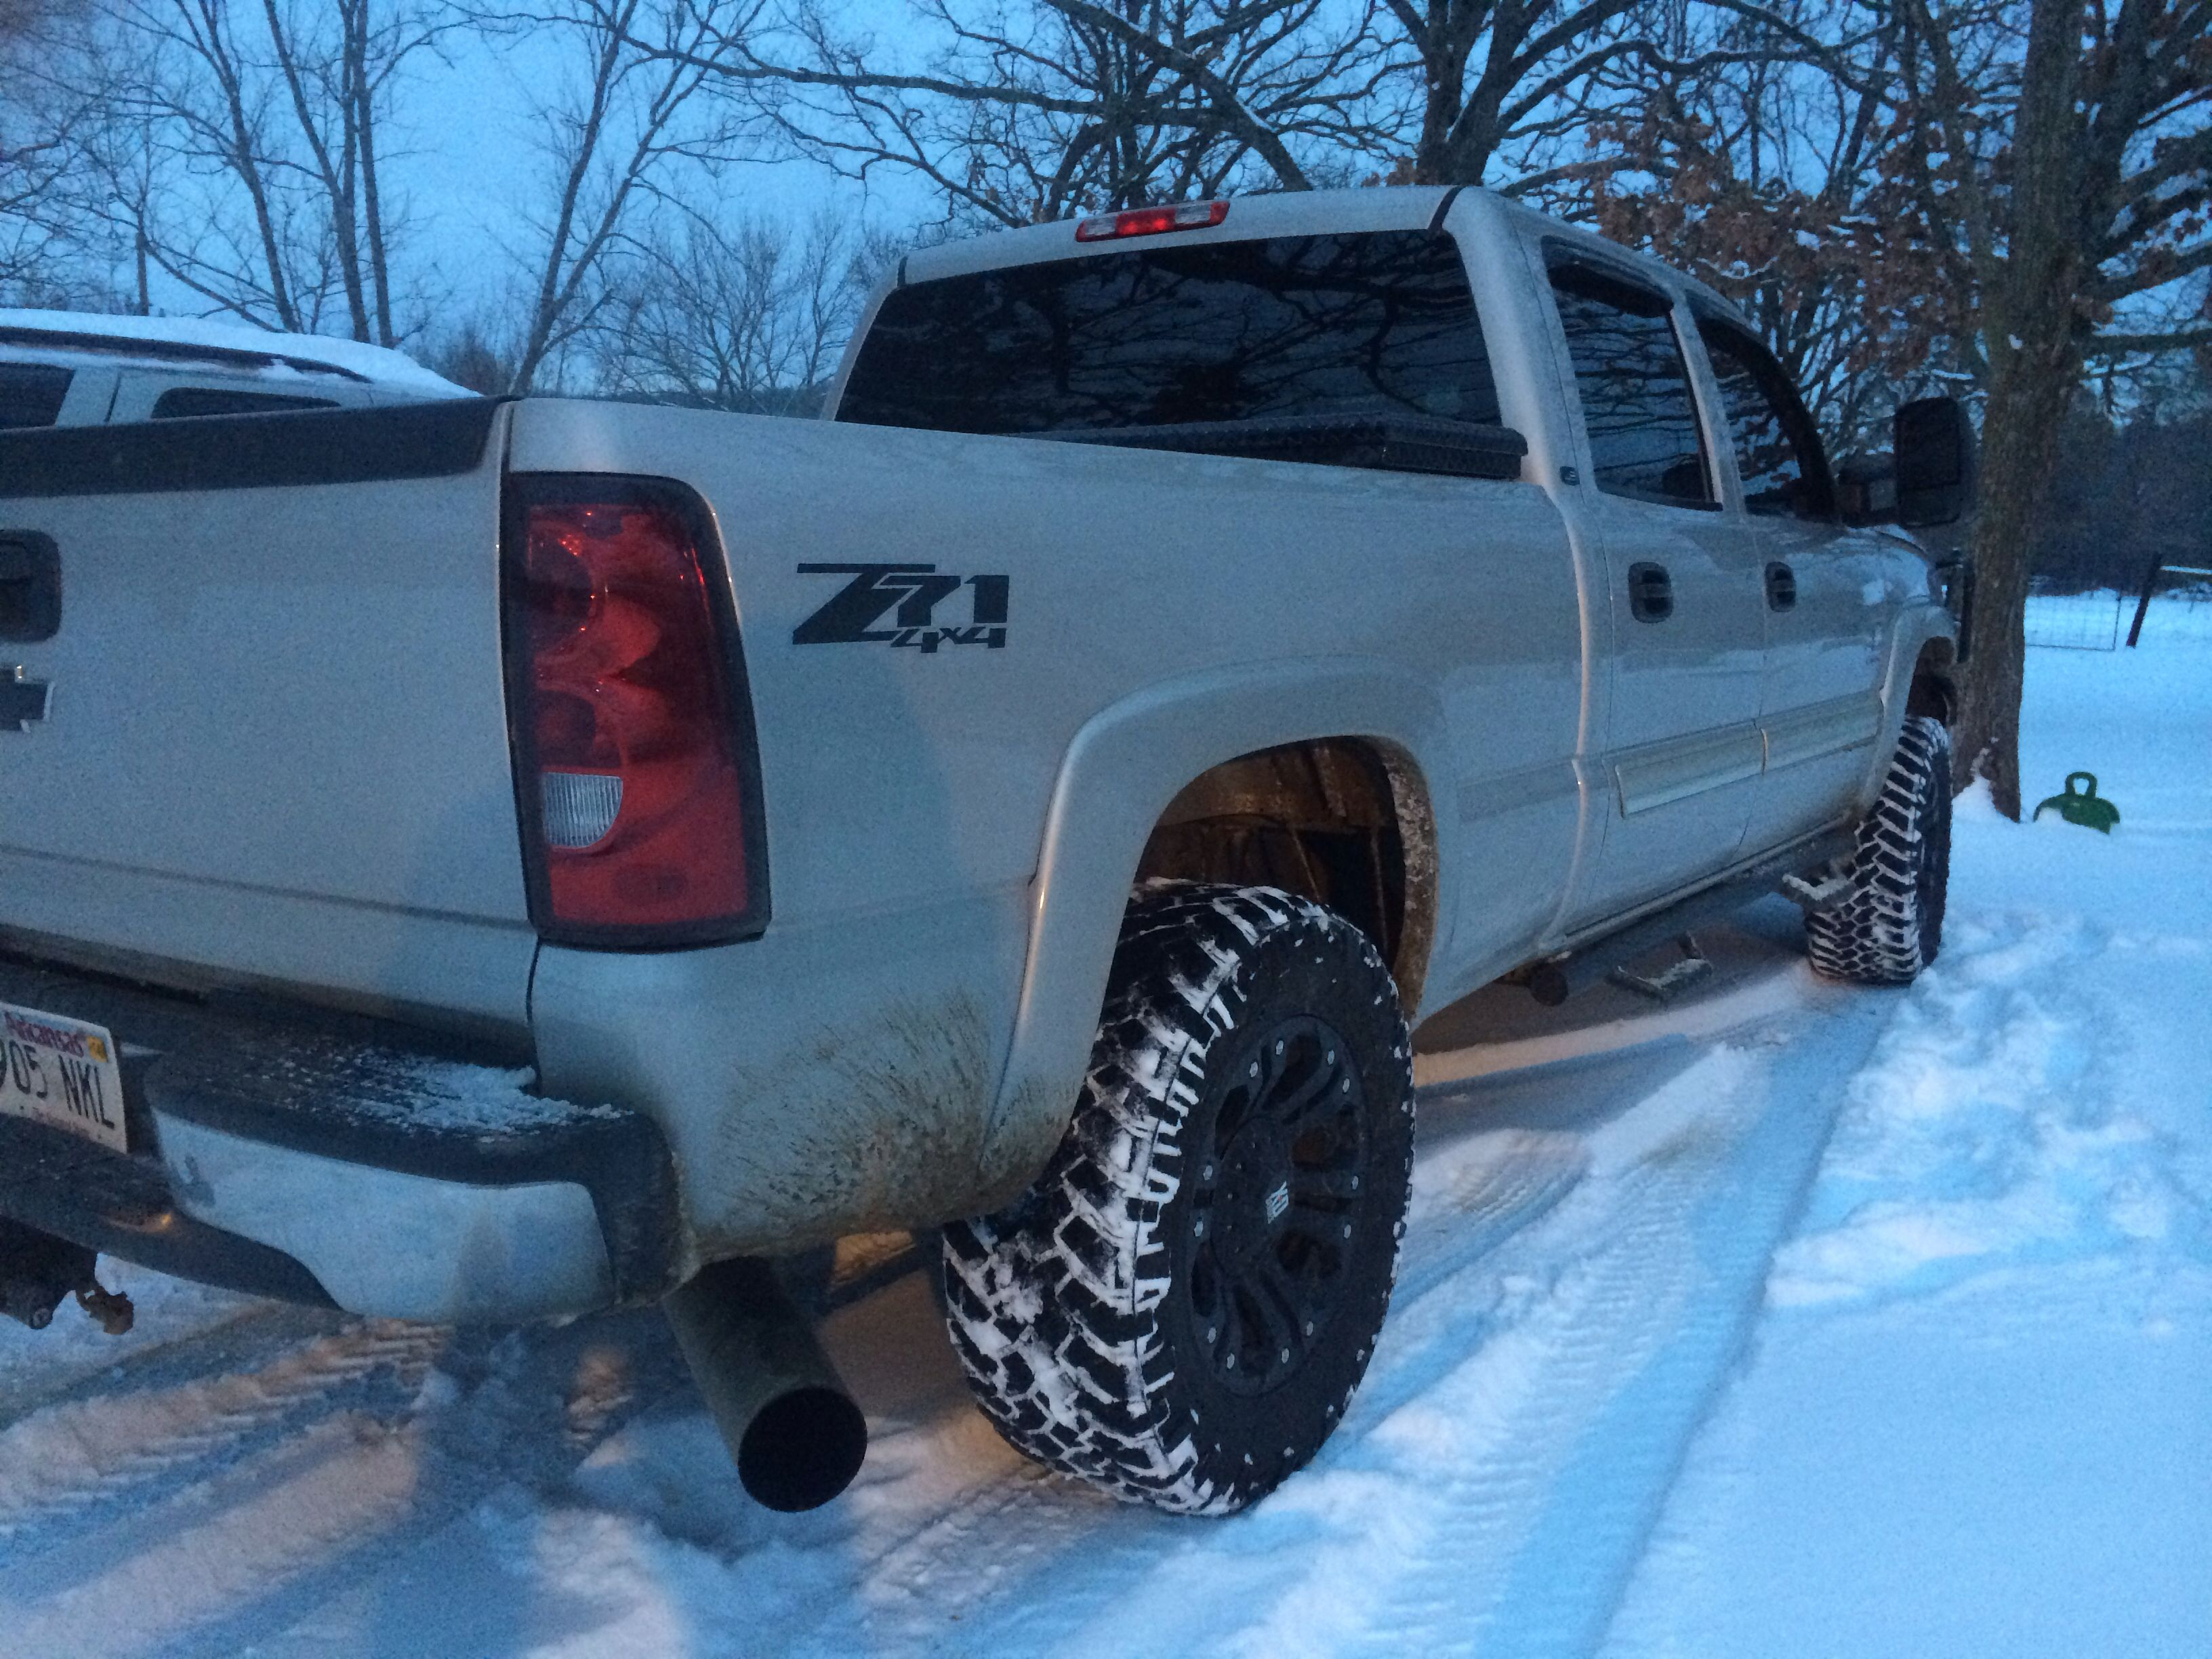 Duramax snow beast!! Duramax, Suv, Suv car